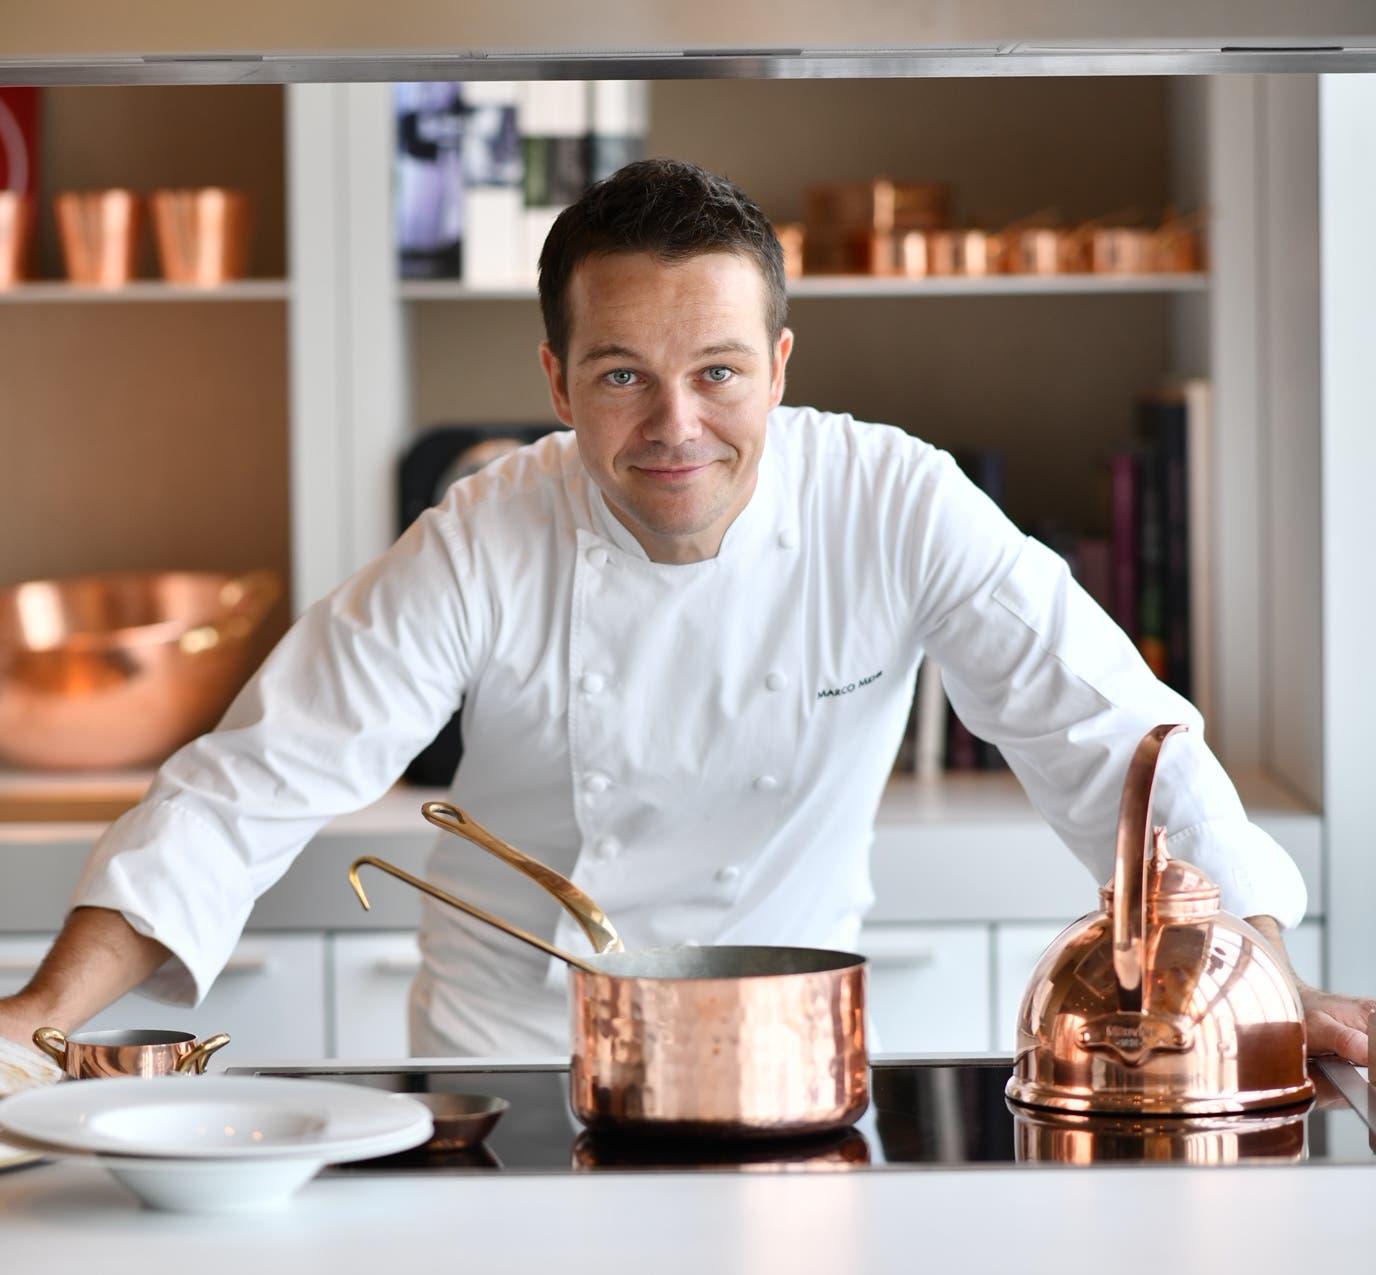 Neuer Executive Küchenchef im Luxushotel Park Hyatt in Schanghai, China: Marco Mehr (32) aus Obwalden. (Bild: PD)